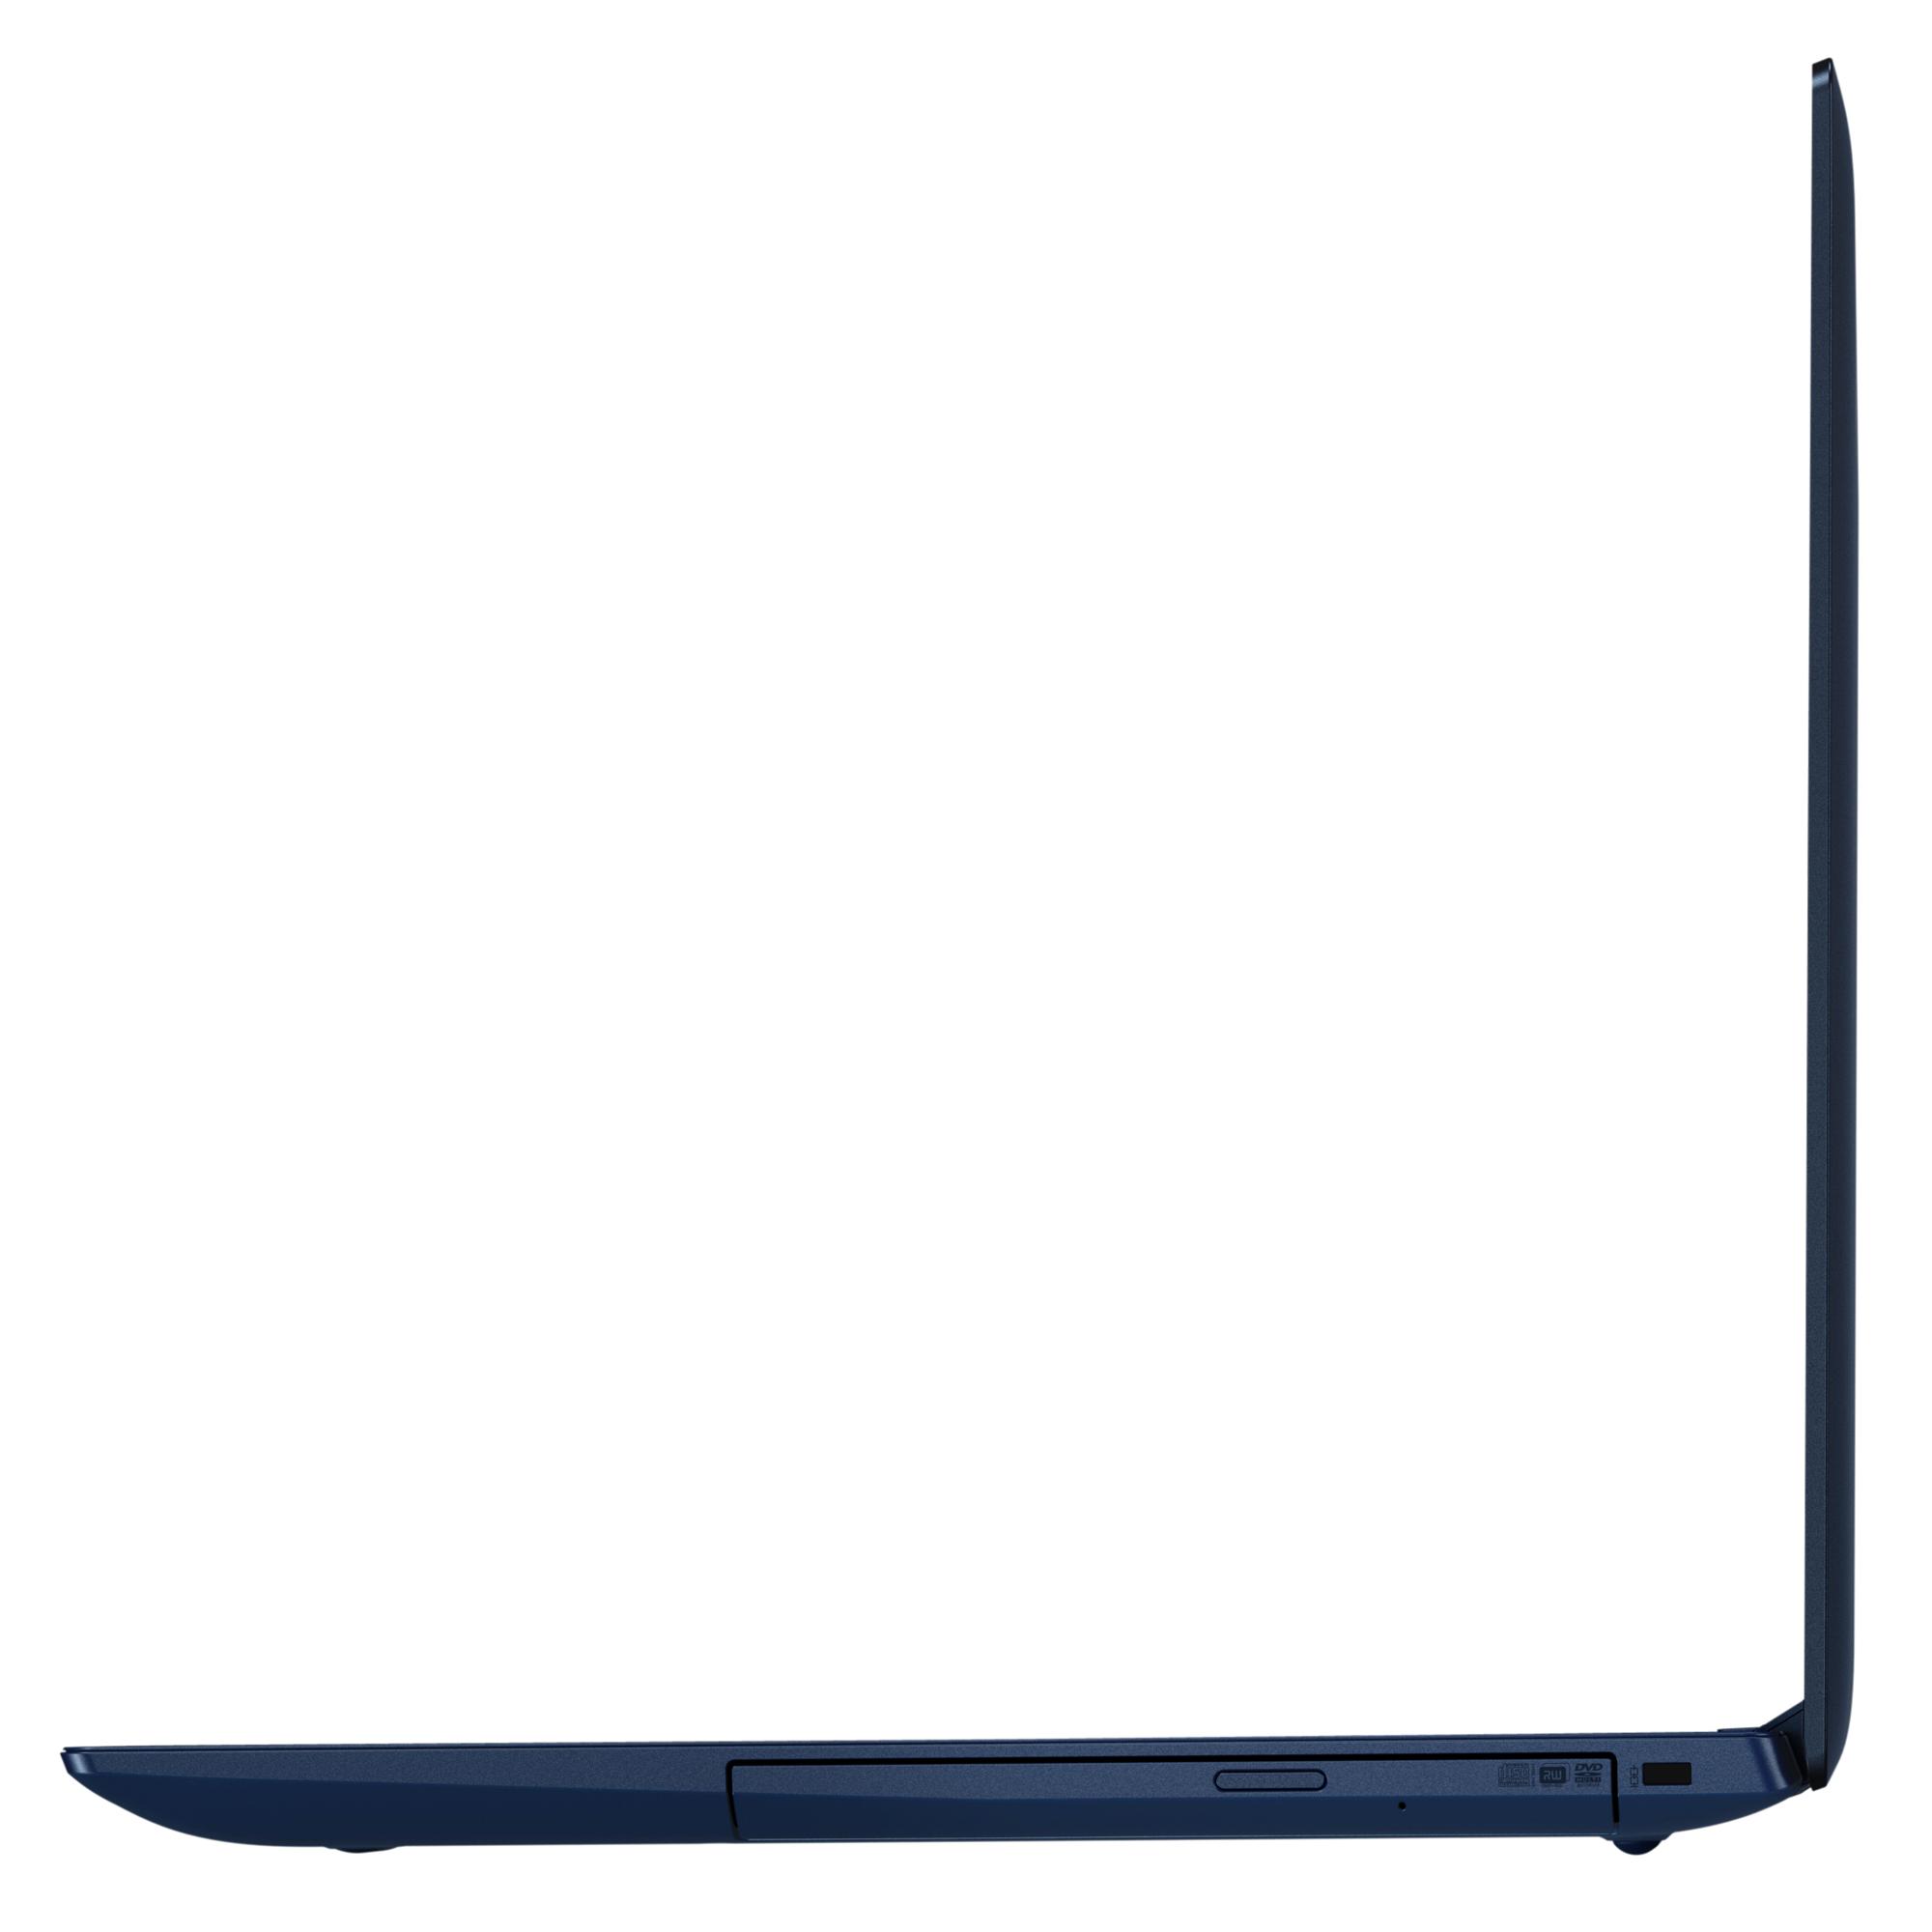 Фото  Ноутбук Lenovo ideapad 330-15 Mid Night Blue (81DC009DRA)